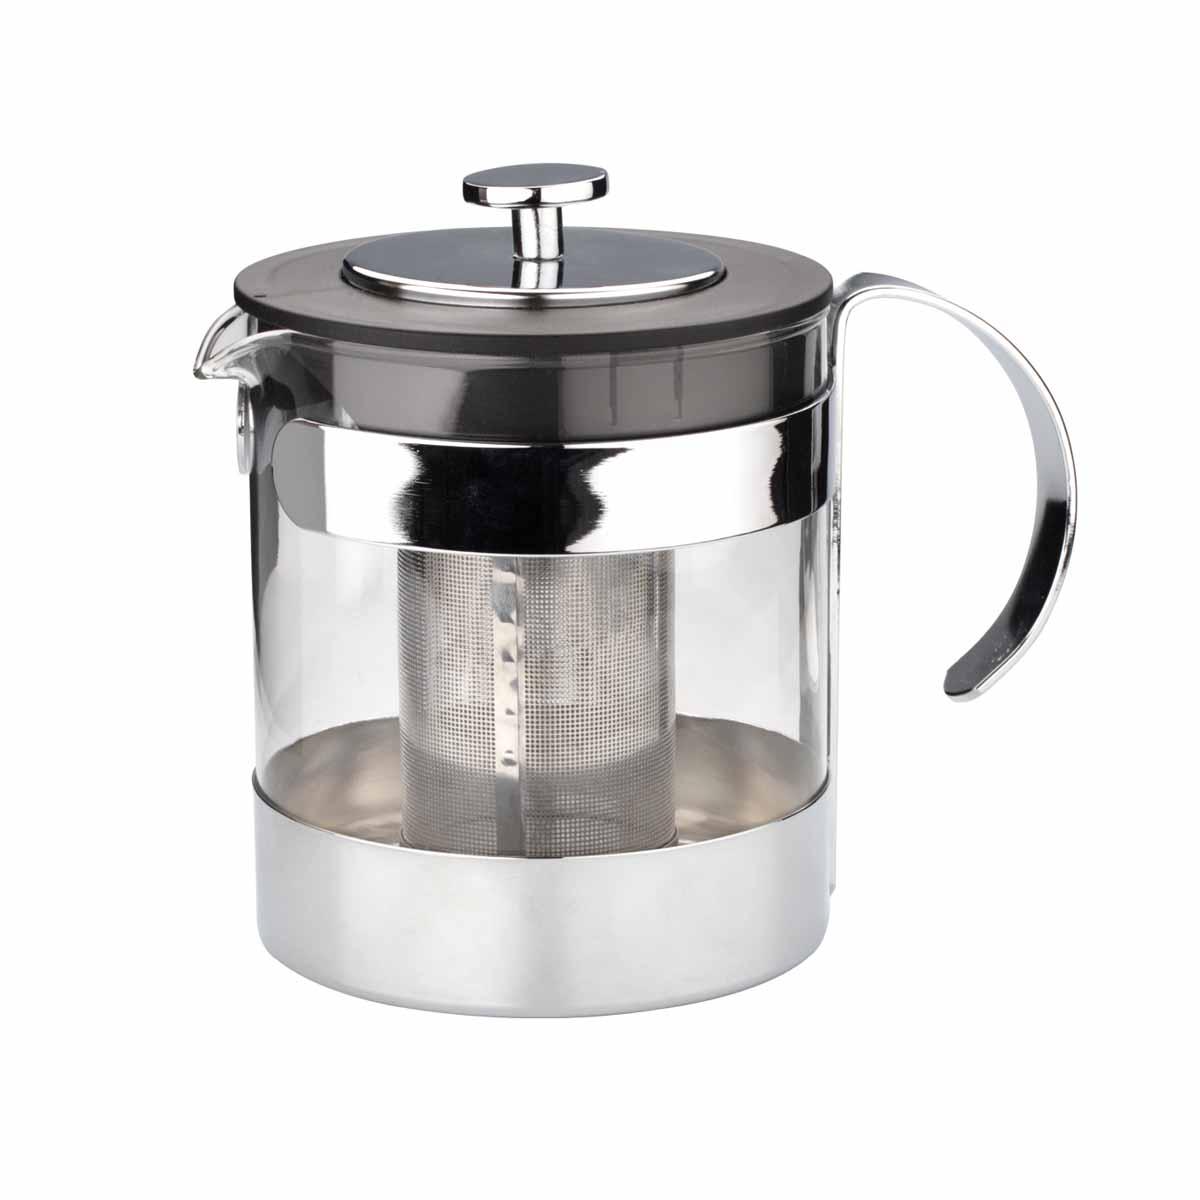 Чайник заварочный Dekok, 1,2 л115510Заварочный чайник Dekok изготовлен из термостойкого стекла - прочного износостойкого материала. Чайник оснащен фильтром и крышкой из нержавеющей стали.Простой и удобный чайник поможет вам приготовить крепкий, ароматный чай или кофе. Дизайн изделия создает гипнотическую атмосферу через сочетание полупрозрачного цвета и хромированных элементов. Не рекомендуется мыть в посудомоечной машине. Не использовать в микроволновой печи.Диаметр (по верхнему краю): 11 см.Высота (без учета крышки): 13,5 см.Высота фильтра: 9 см.